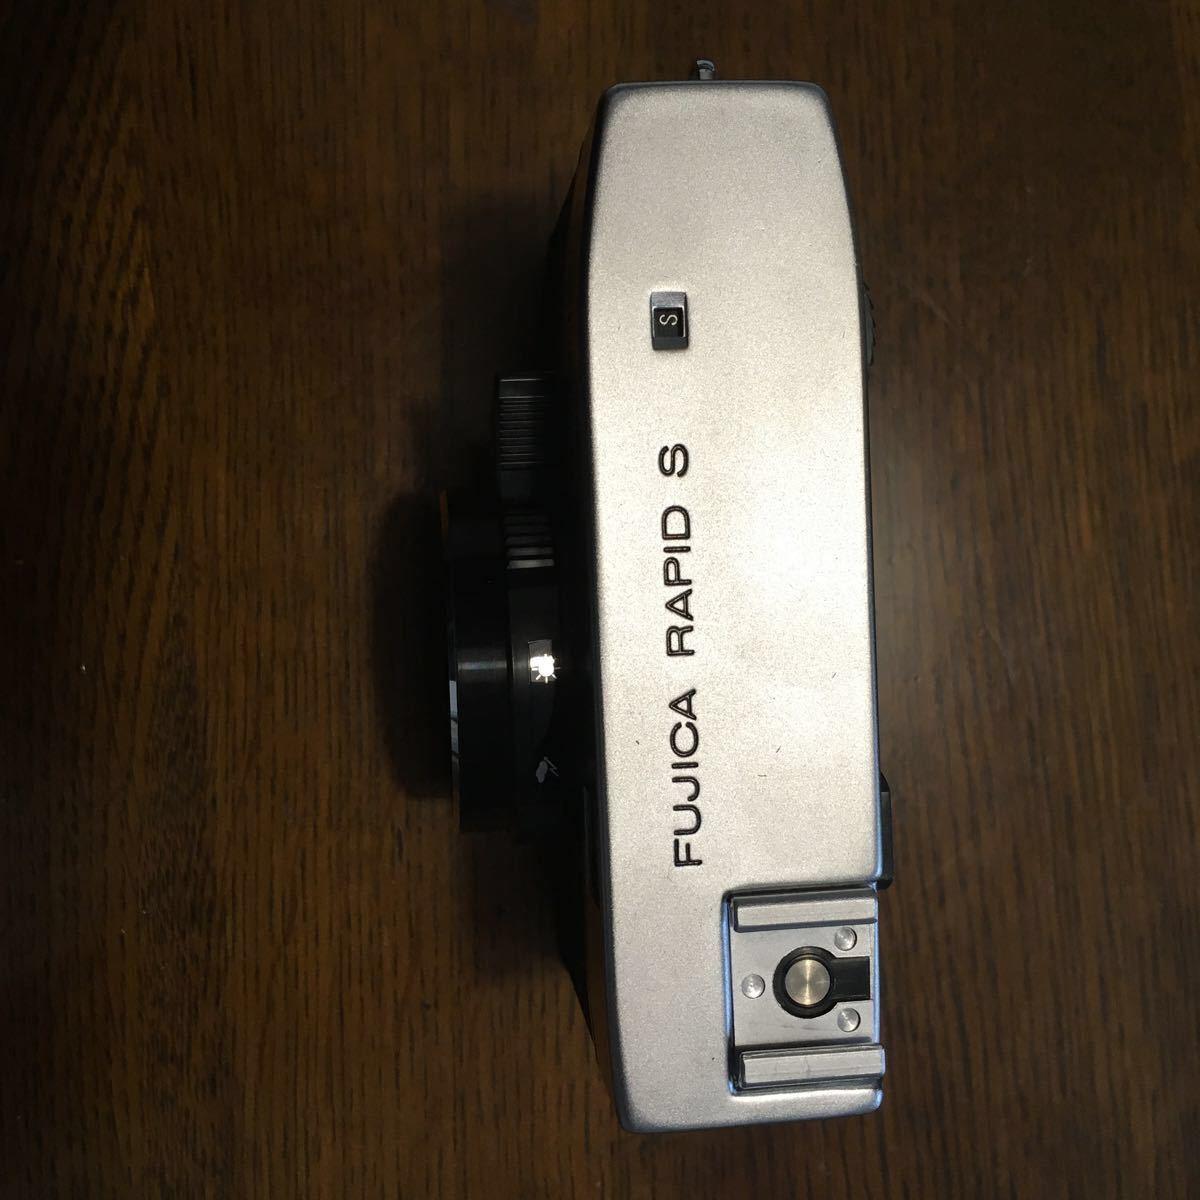 F32 フィルムカメラ FUJICA RAPID S ジャンク 現状渡し 説明書 箱 ケースあり _画像3